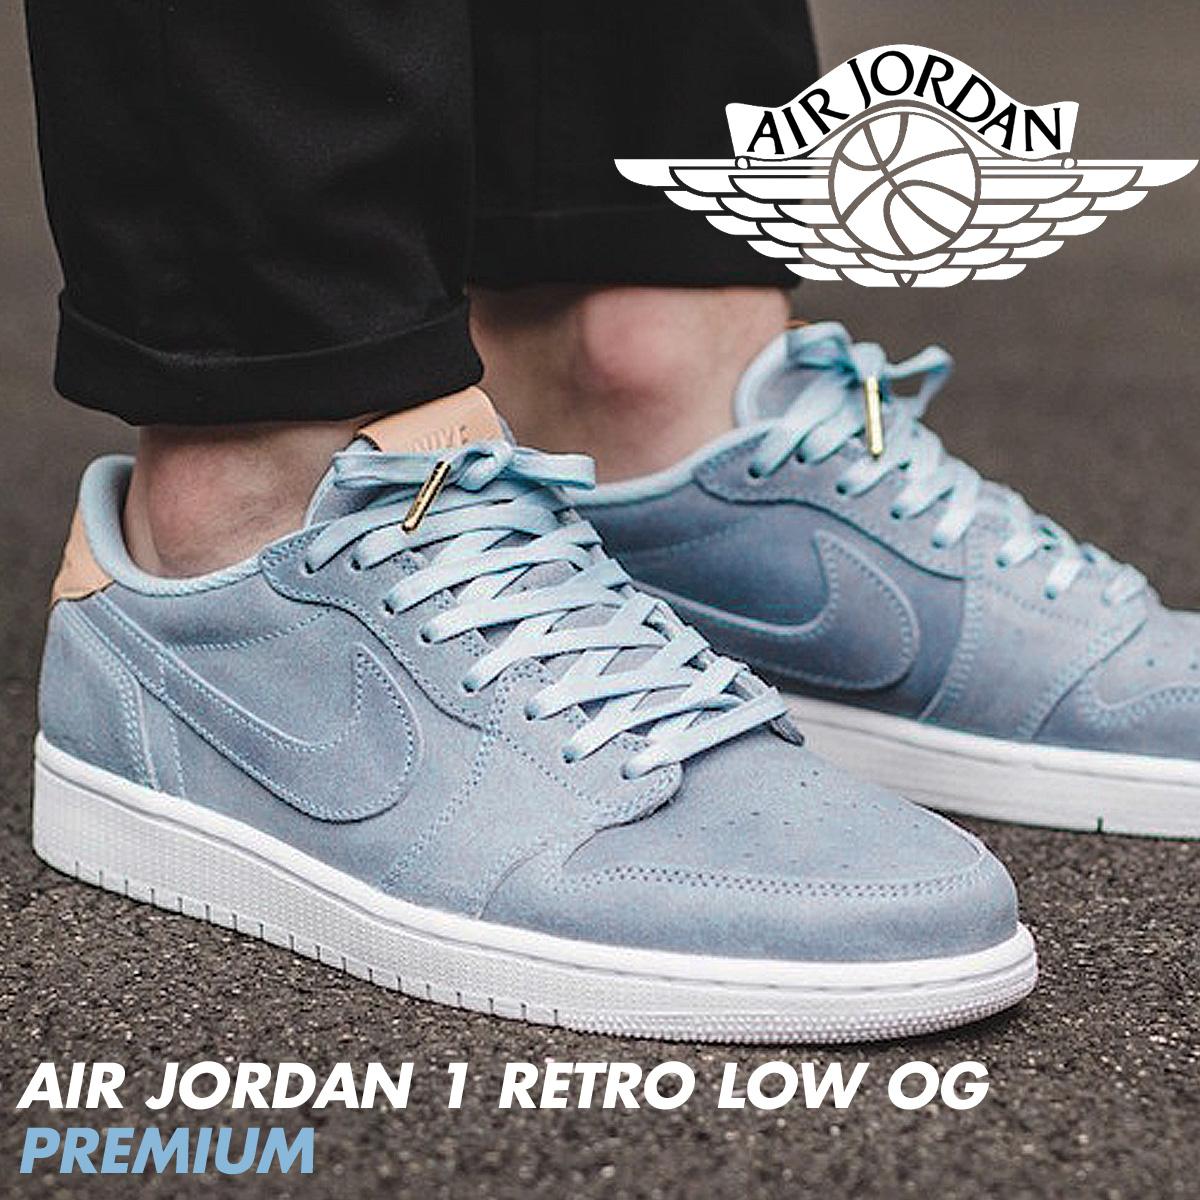 on sale 12932 bee70 Nike NIKE Air Jordan sneakers AIR JORDAN 1 RETRO LOW OG PREMIUM men low  905,136-402 shoes white